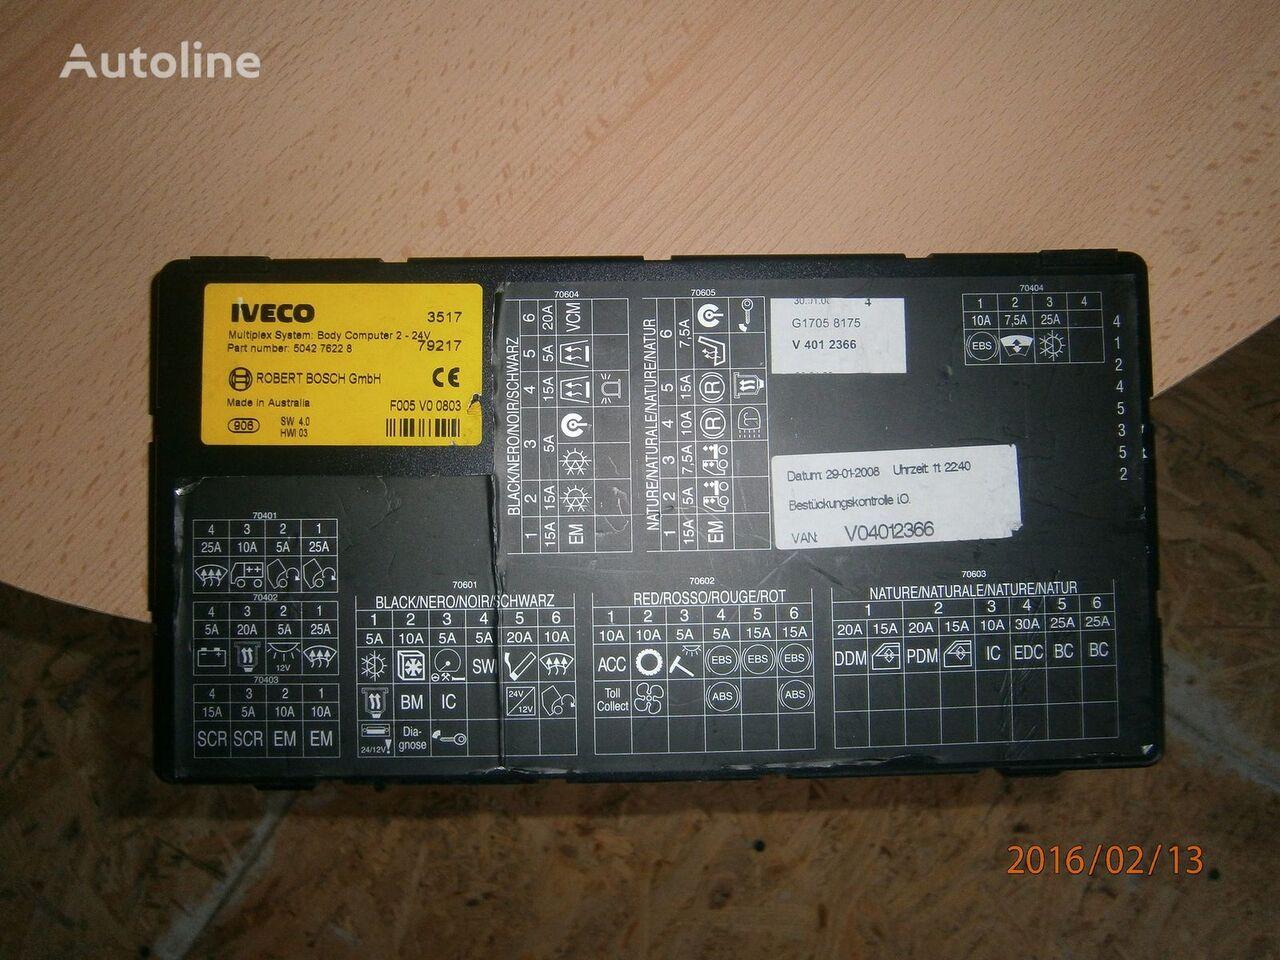 τράκτορας IVECO Stralis για μονάδα ελέγχου IVECO EURO5 Multiplex system body computer 504276228